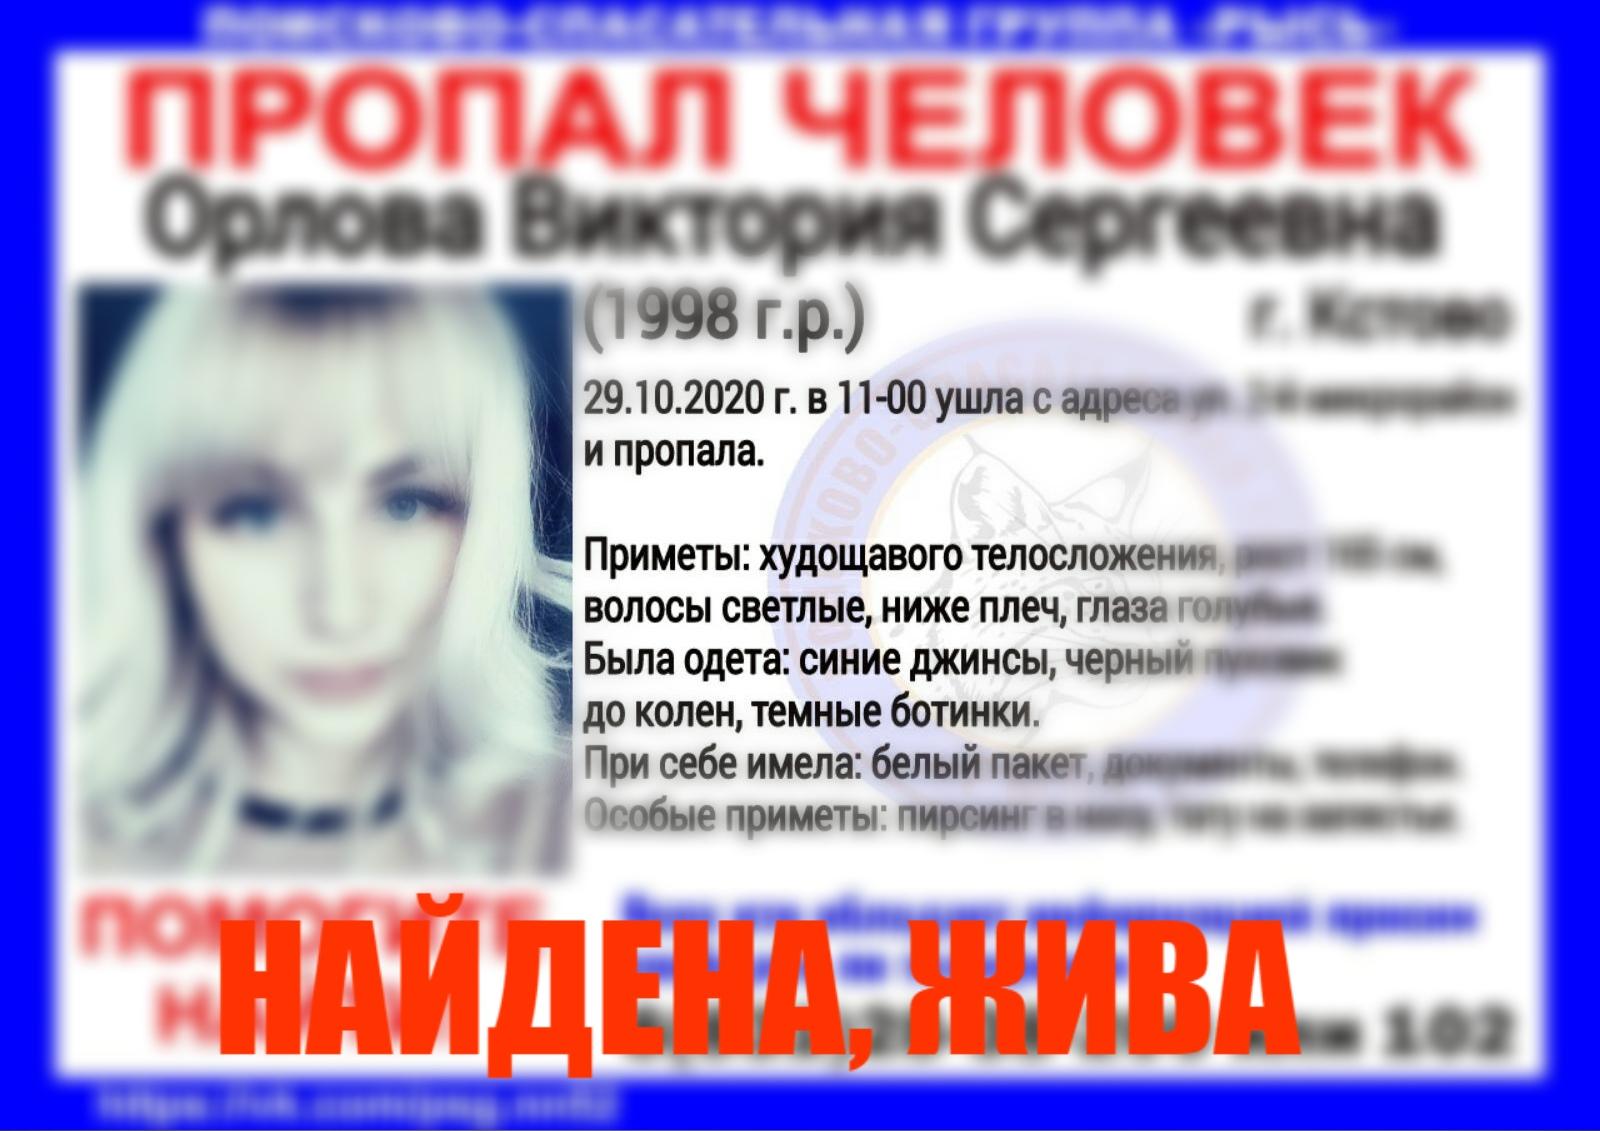 Орлова Виктория Сергеевна, 1998 г.р., г.Кстово